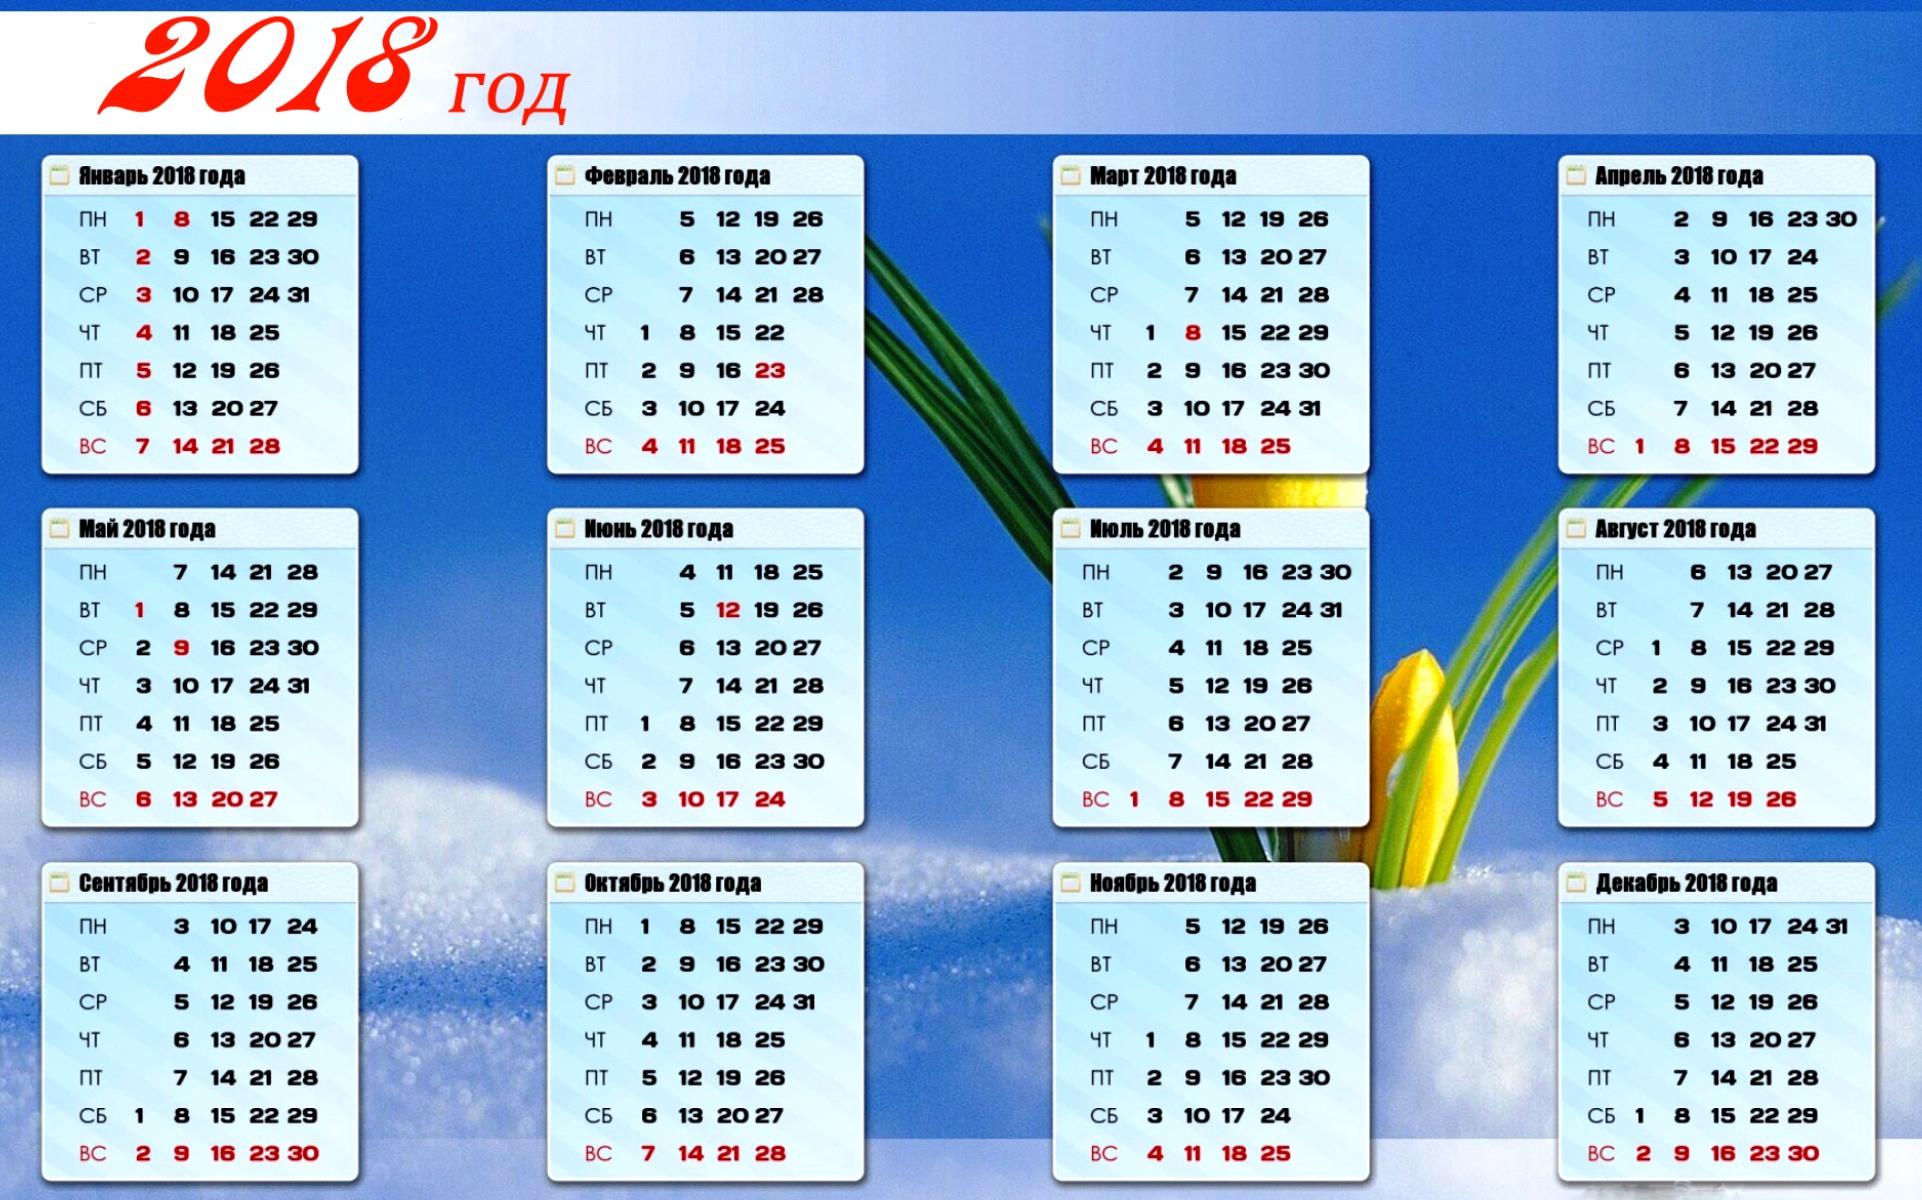 Как сделать календарь на 2018